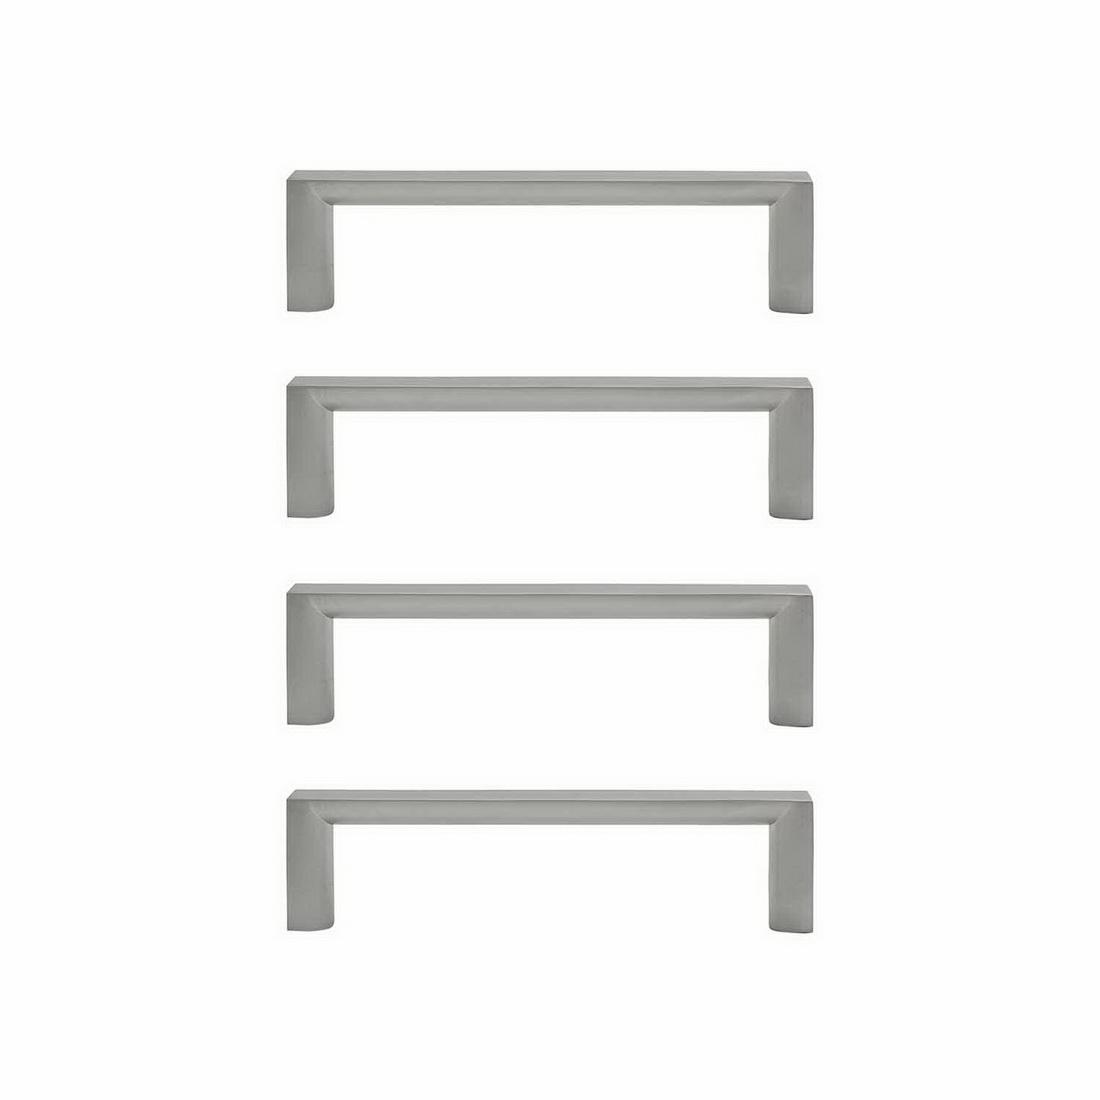 Sincro Cabinet Handle 128mm Zinc Die-Cast Brushed Nickel 4 pack 6069-4-BN